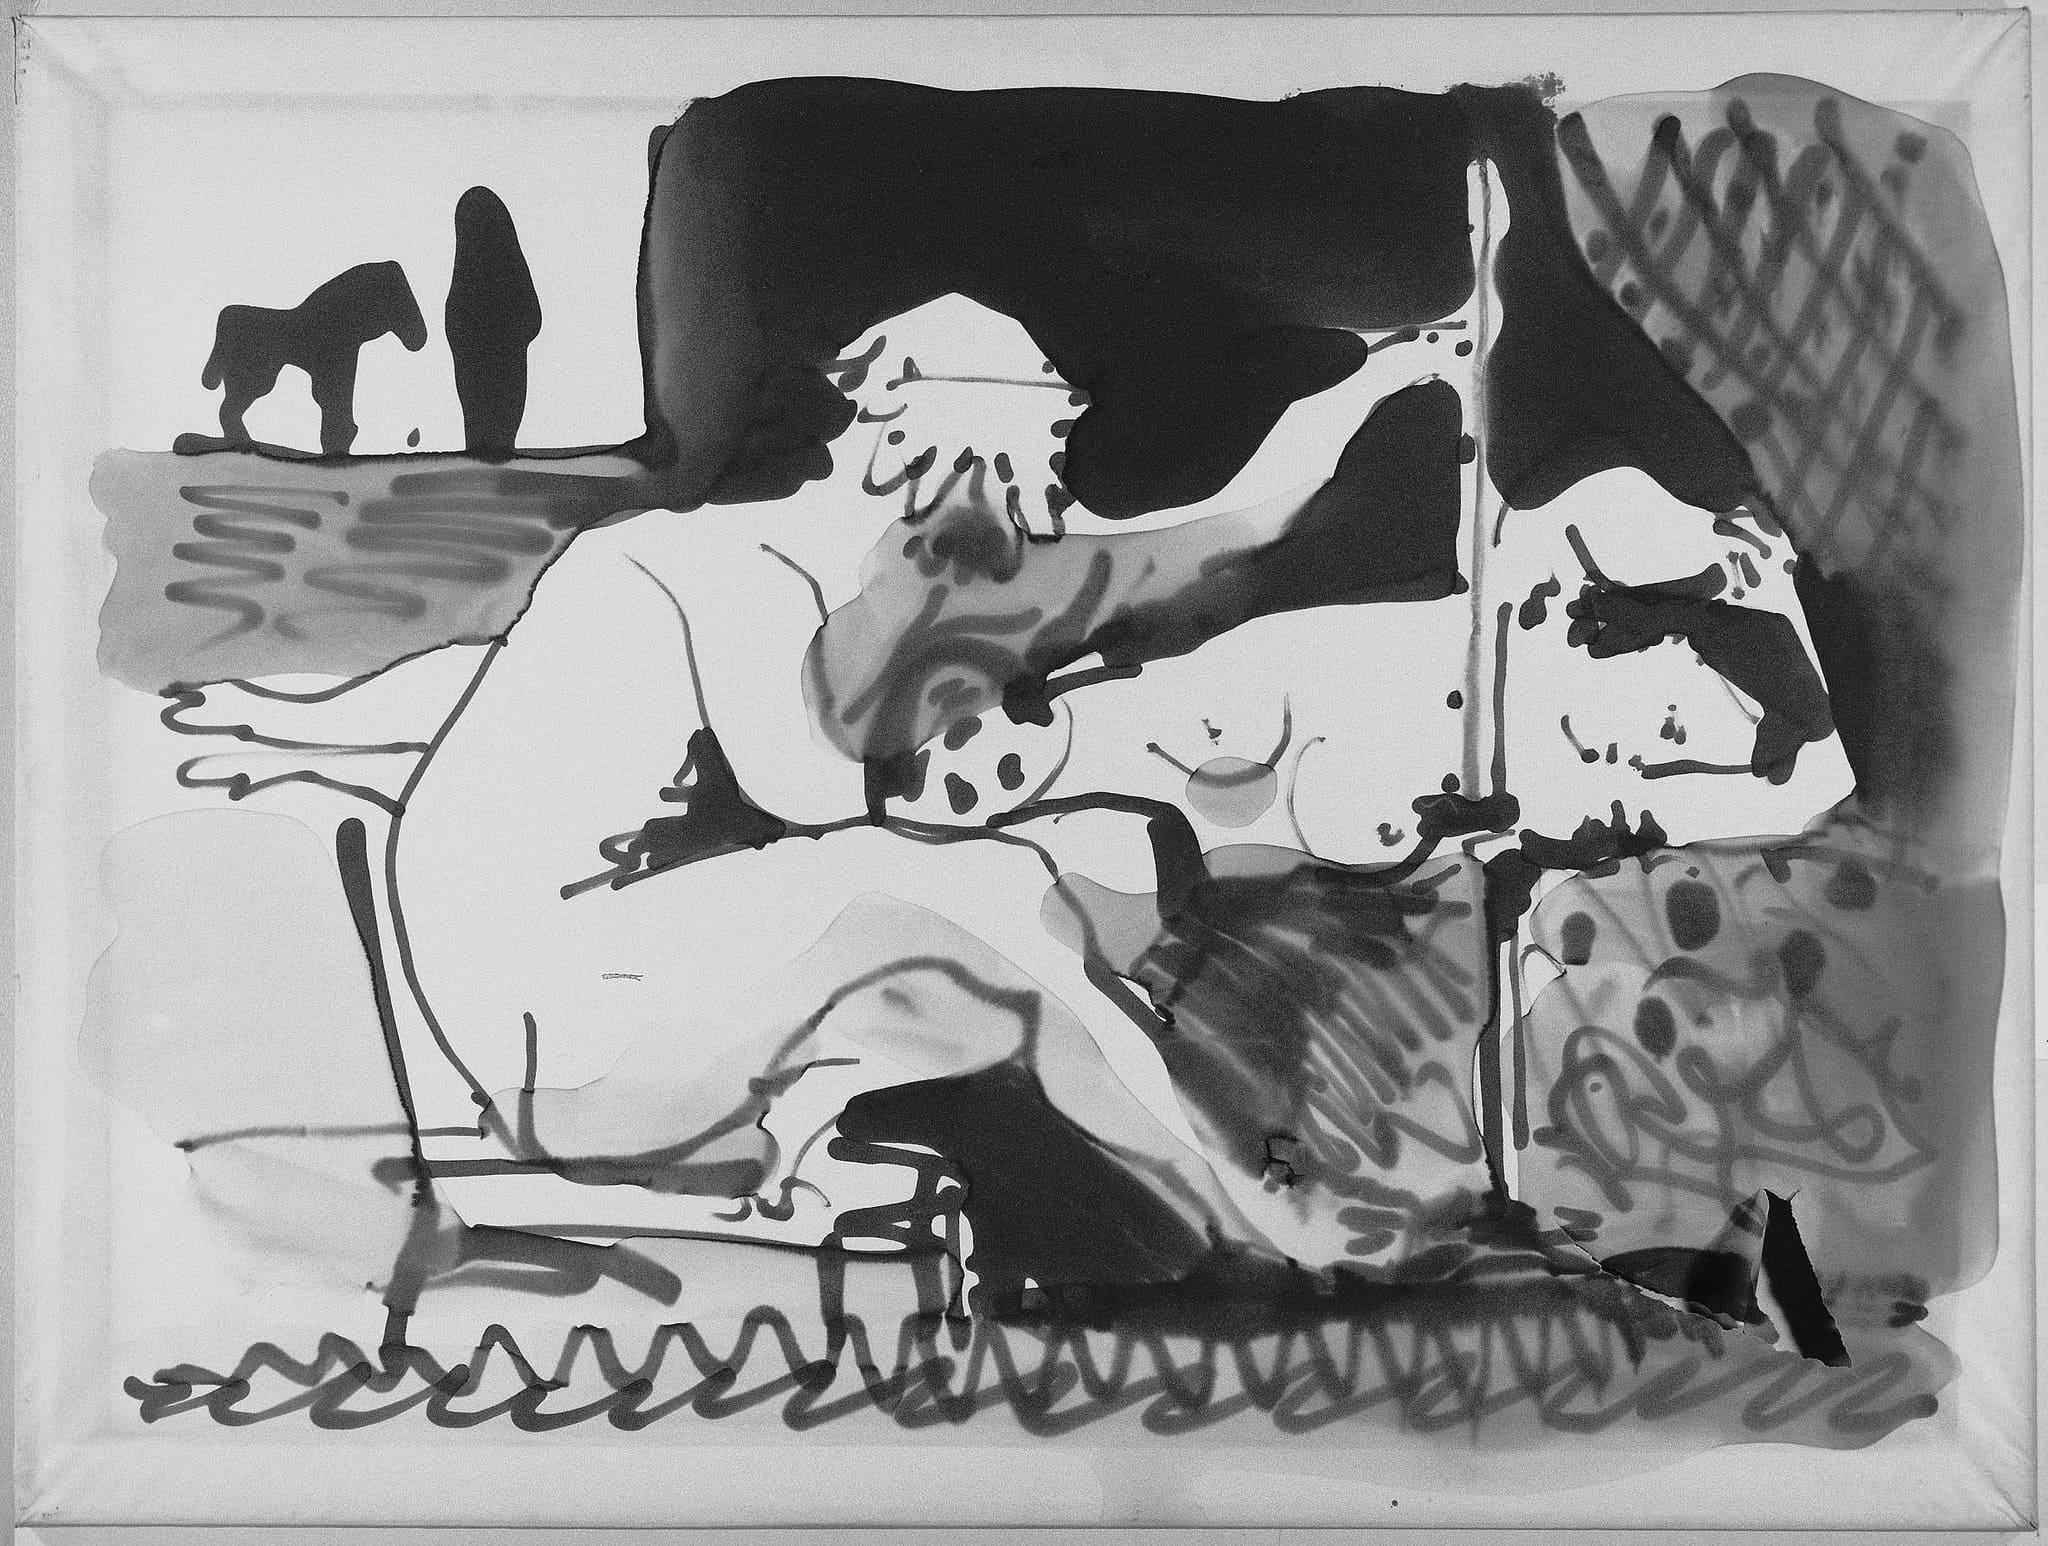 Le peintre et son modèle Picasso Pablo (dit), Ruiz Picasso Pablo (1881-1973). Paris, musÈe national Picasso - Paris. MP1983-44. (ph Com. Milano)